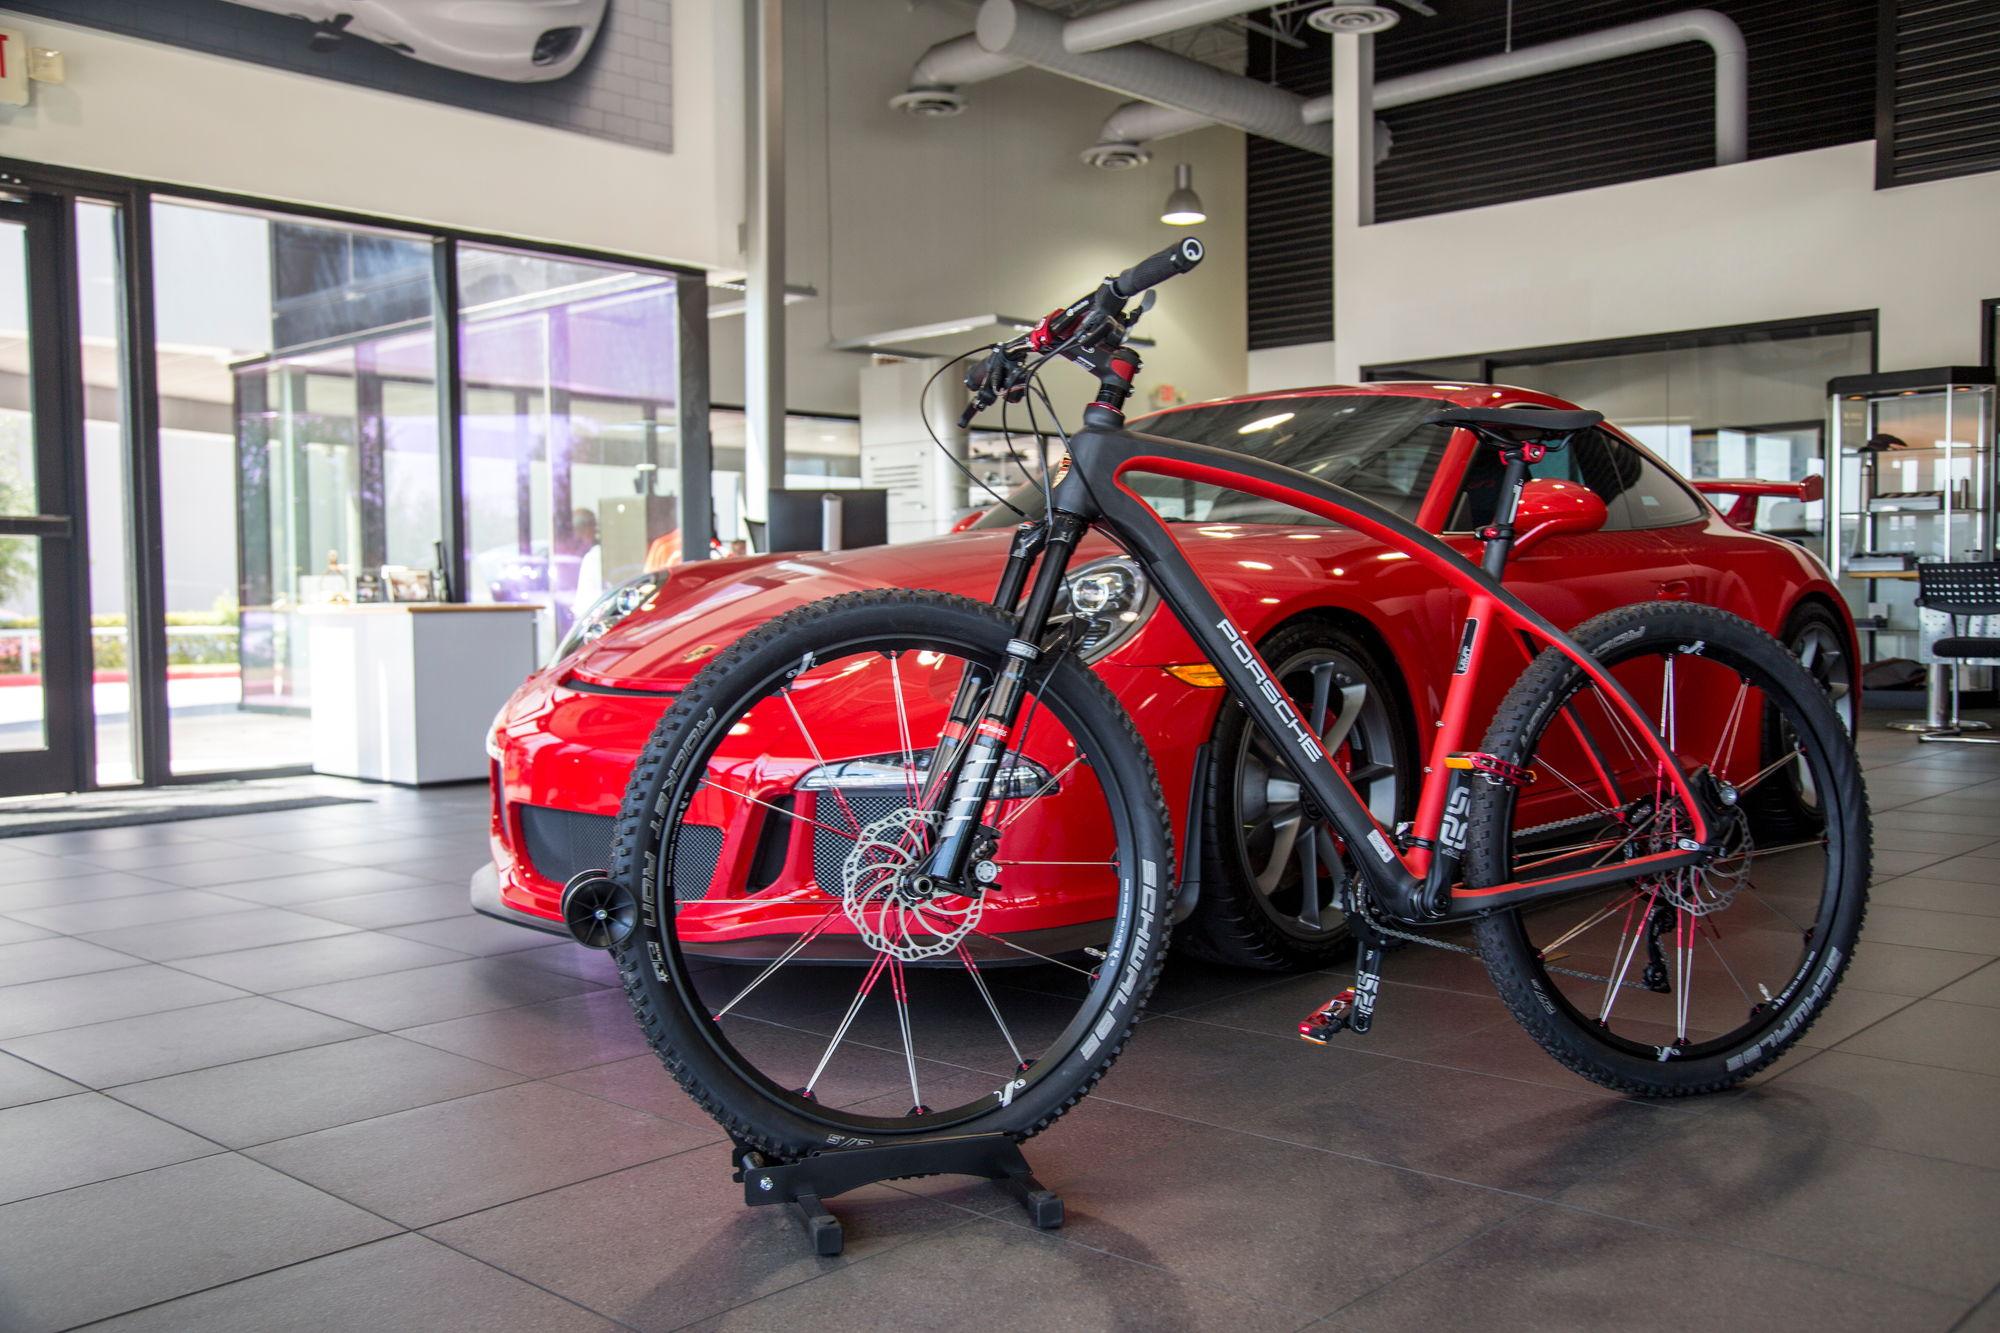 Porsche Bike RX at Cost - Rennlist - Porsche Discussion Forums